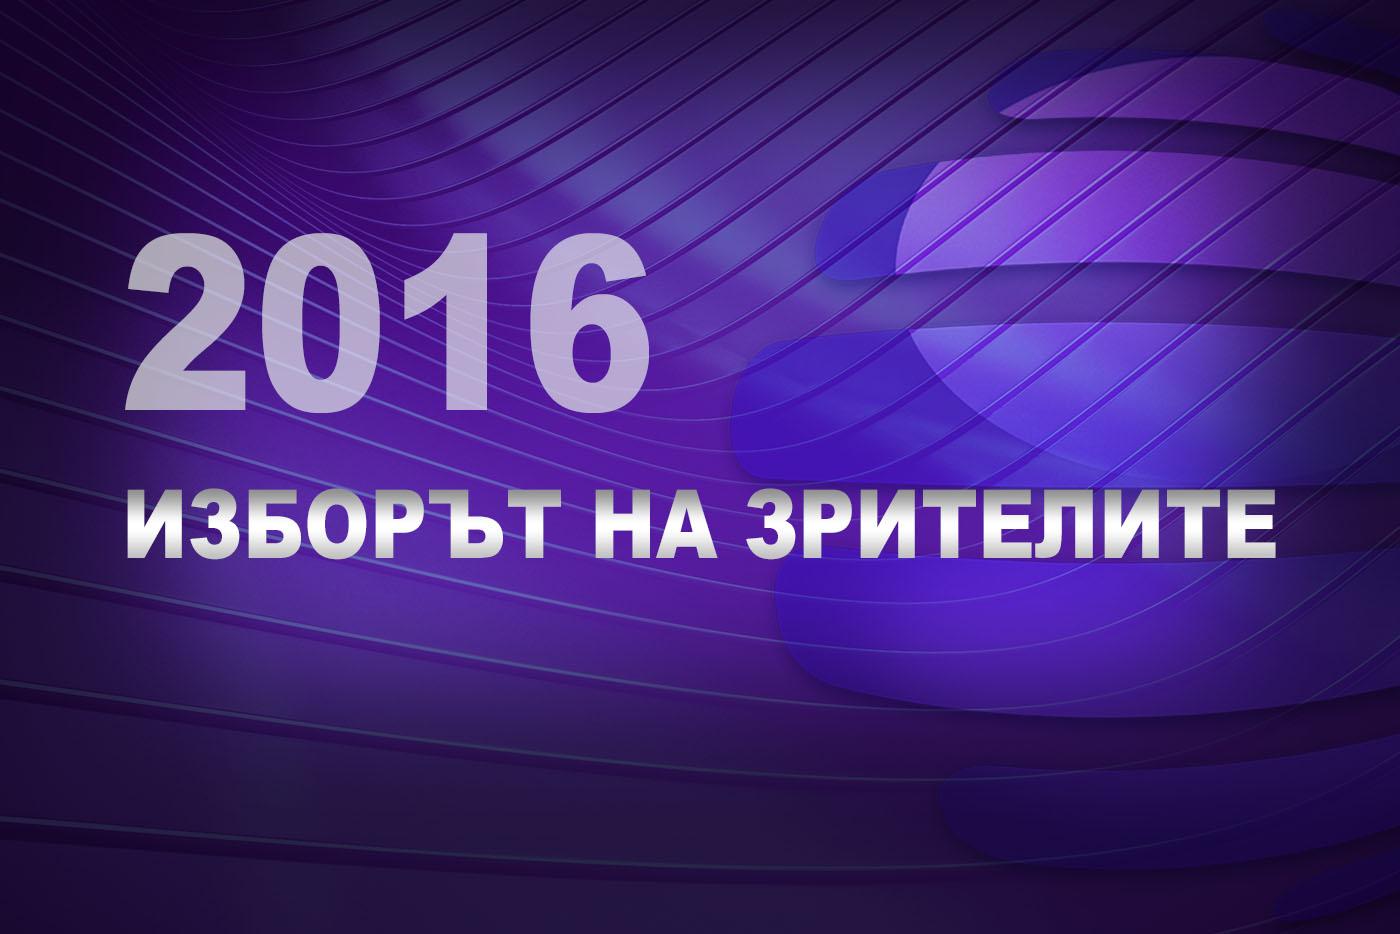 """Съмнения за манипулация от страна на феновете финализира предсрочно """"Изборът на зрителите - 2016"""""""